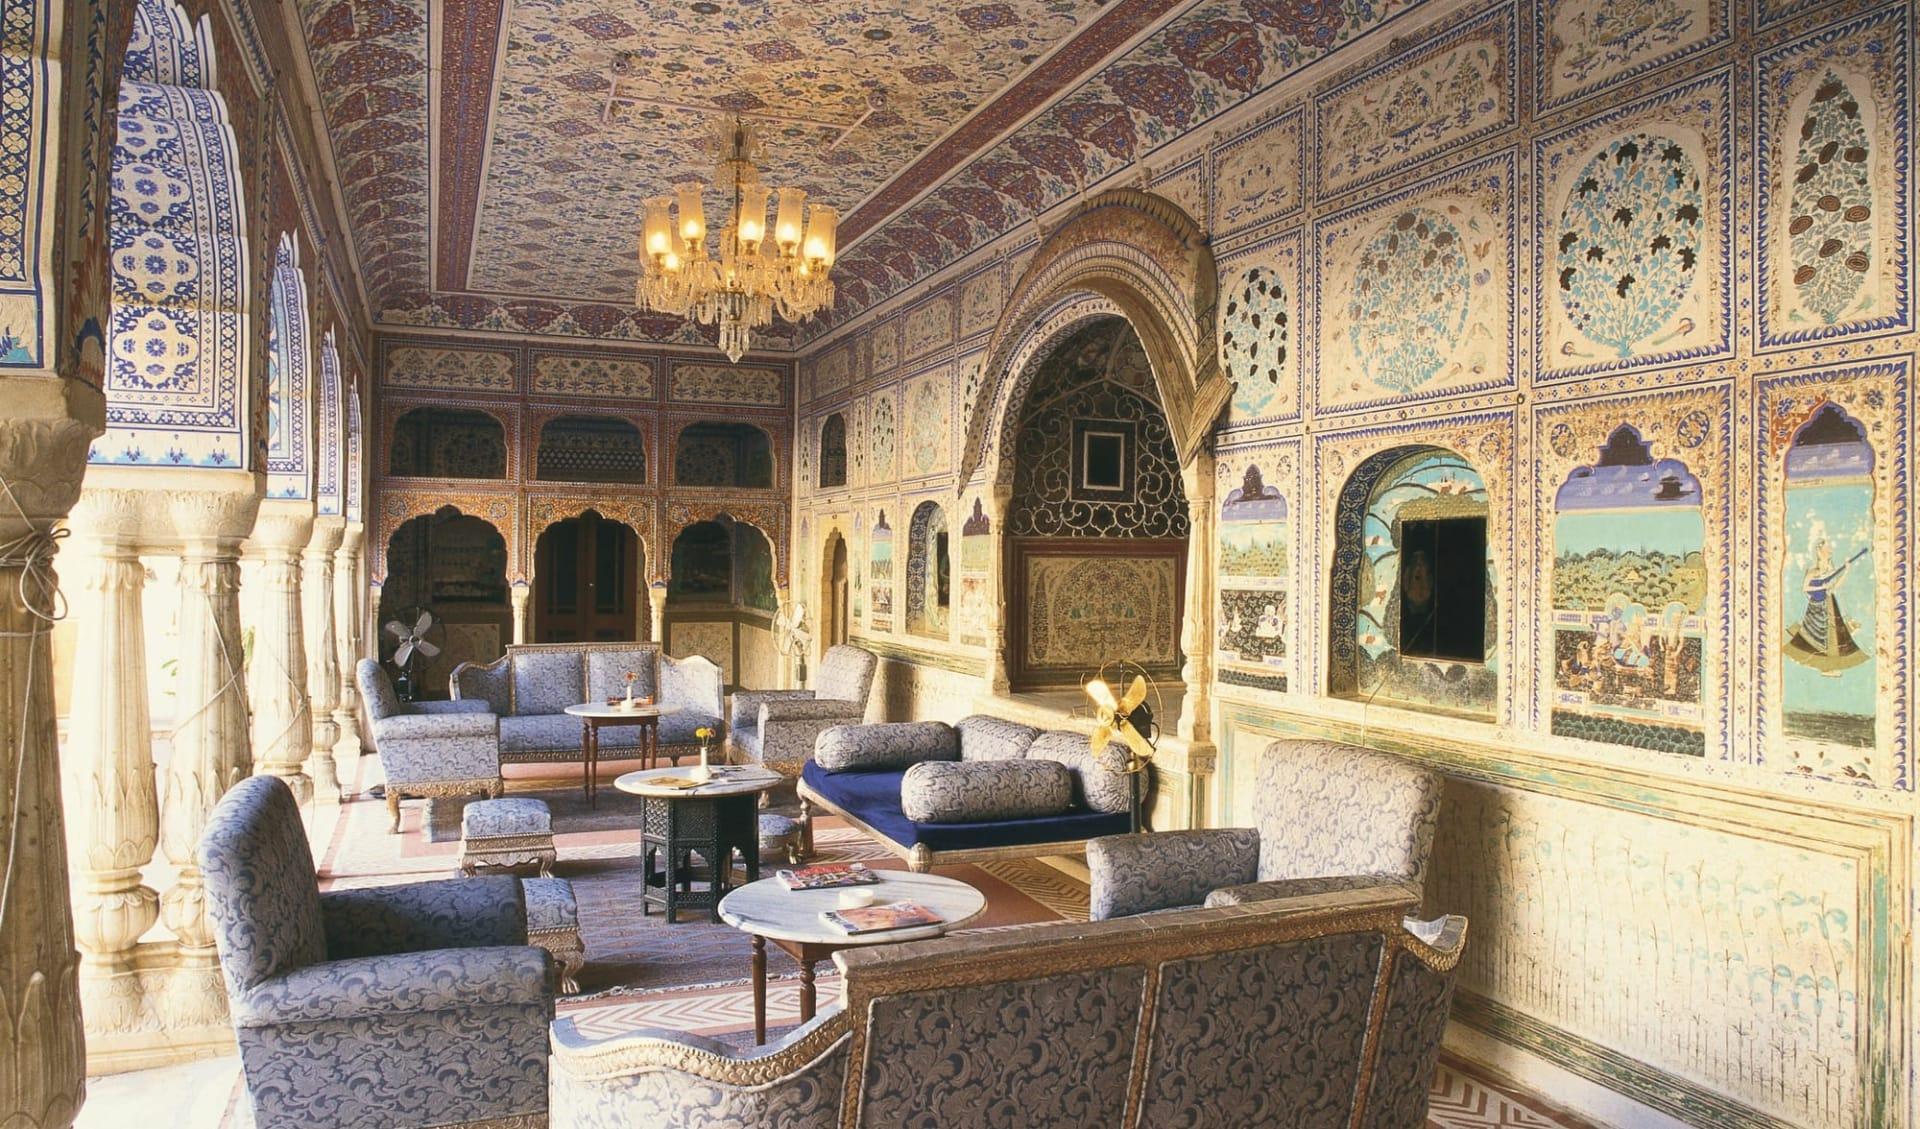 Samode Palace in Jaipur: Lounge